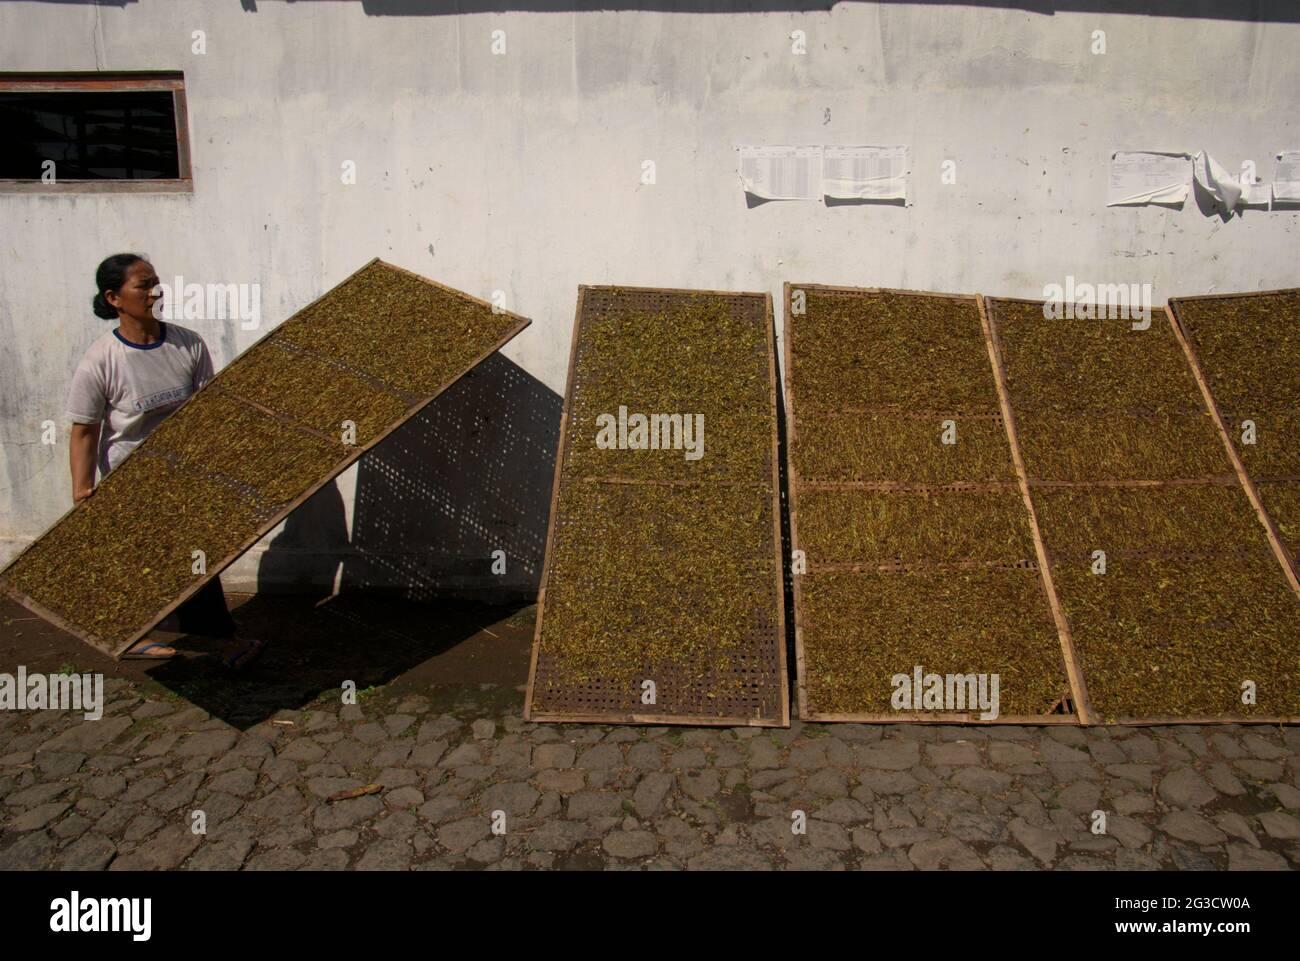 Une femme séchant du tabac sur le côté d'une route rurale dans un village producteur de tabac à Temanggung, Java central, Indonésie. « environ six millions de personnes ont eu recours au tabac pour leur subsistance », a déclaré Budidoyo, chef de l'AMTI (Alliance de la société indonésienne du tabac), cité par CNBC Indonésie le 10 juin 2021. Avec 197.25 000 tonnes métriques, l'Indonésie est classée sixième sur la liste des principaux pays producteurs de tabac en 2019, en dessous de la Chine, de l'Inde, du Brésil, du Zimbabwe et des États-Unis, Selon Statista. Banque D'Images